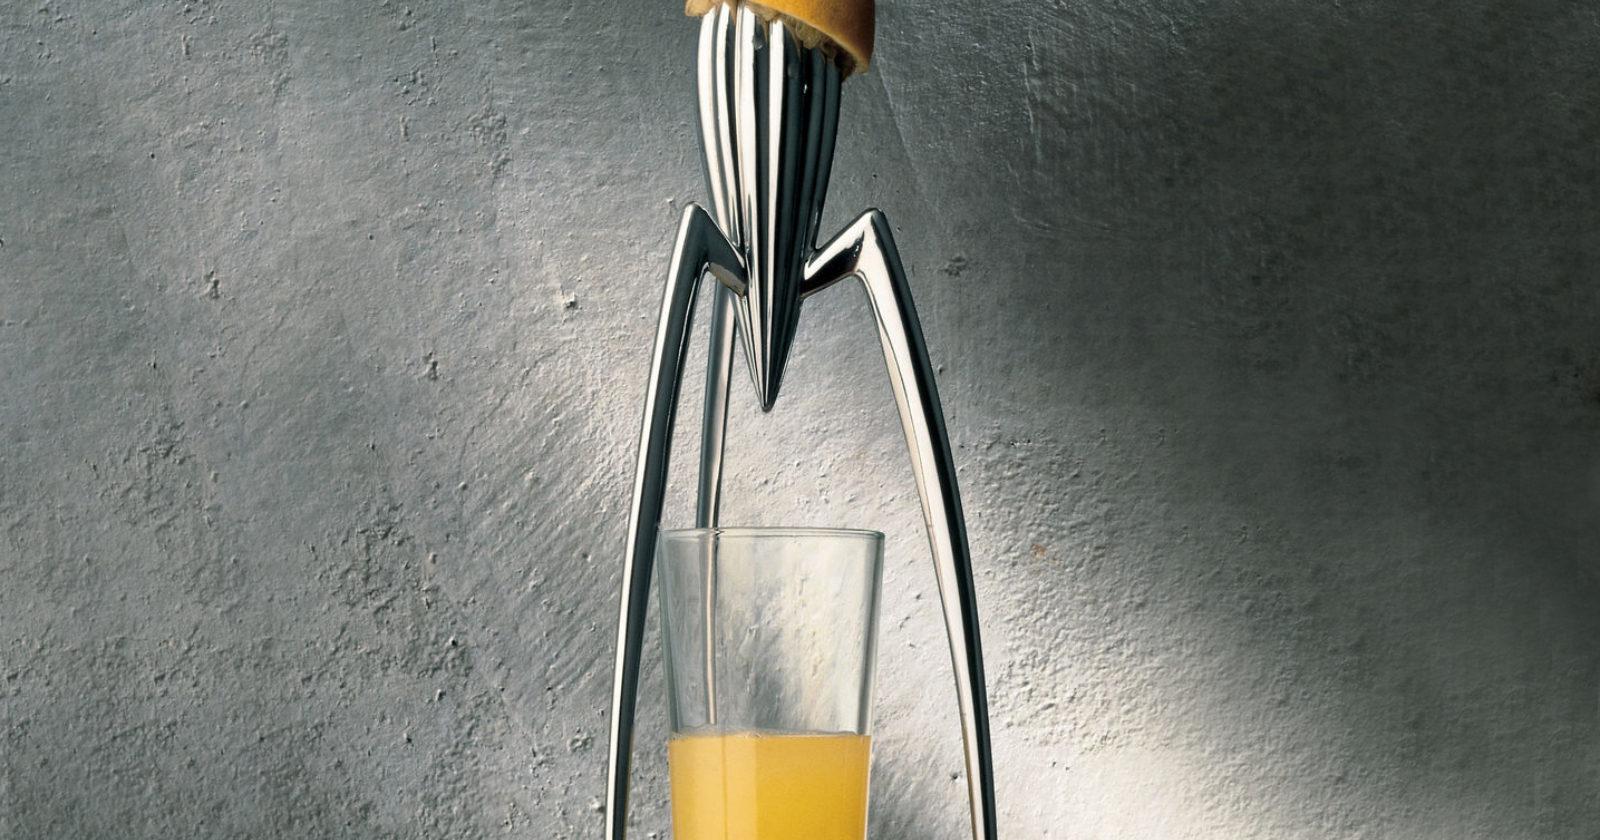 Juicer salif lemon